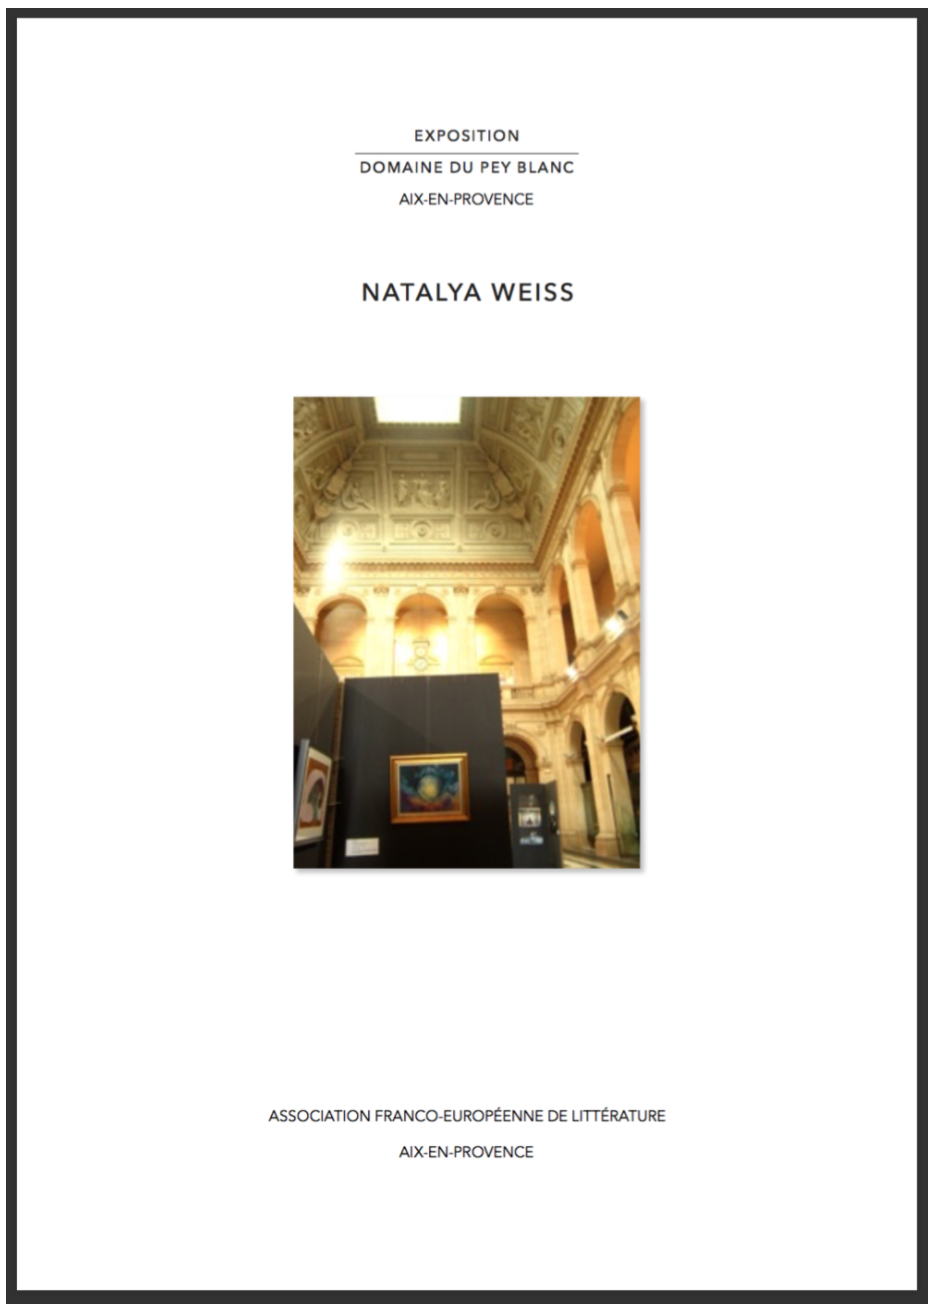 Expositions - DU 28 Octobre AU 19 Novembre 2016et Décembre 2016Exposition de tableaux de l'artiste aixoise Natalya Weiss au Domaine Pey Blanc, à Aix-en-Provence.Portfolio: http://www.afel-livres.fr/nweiss